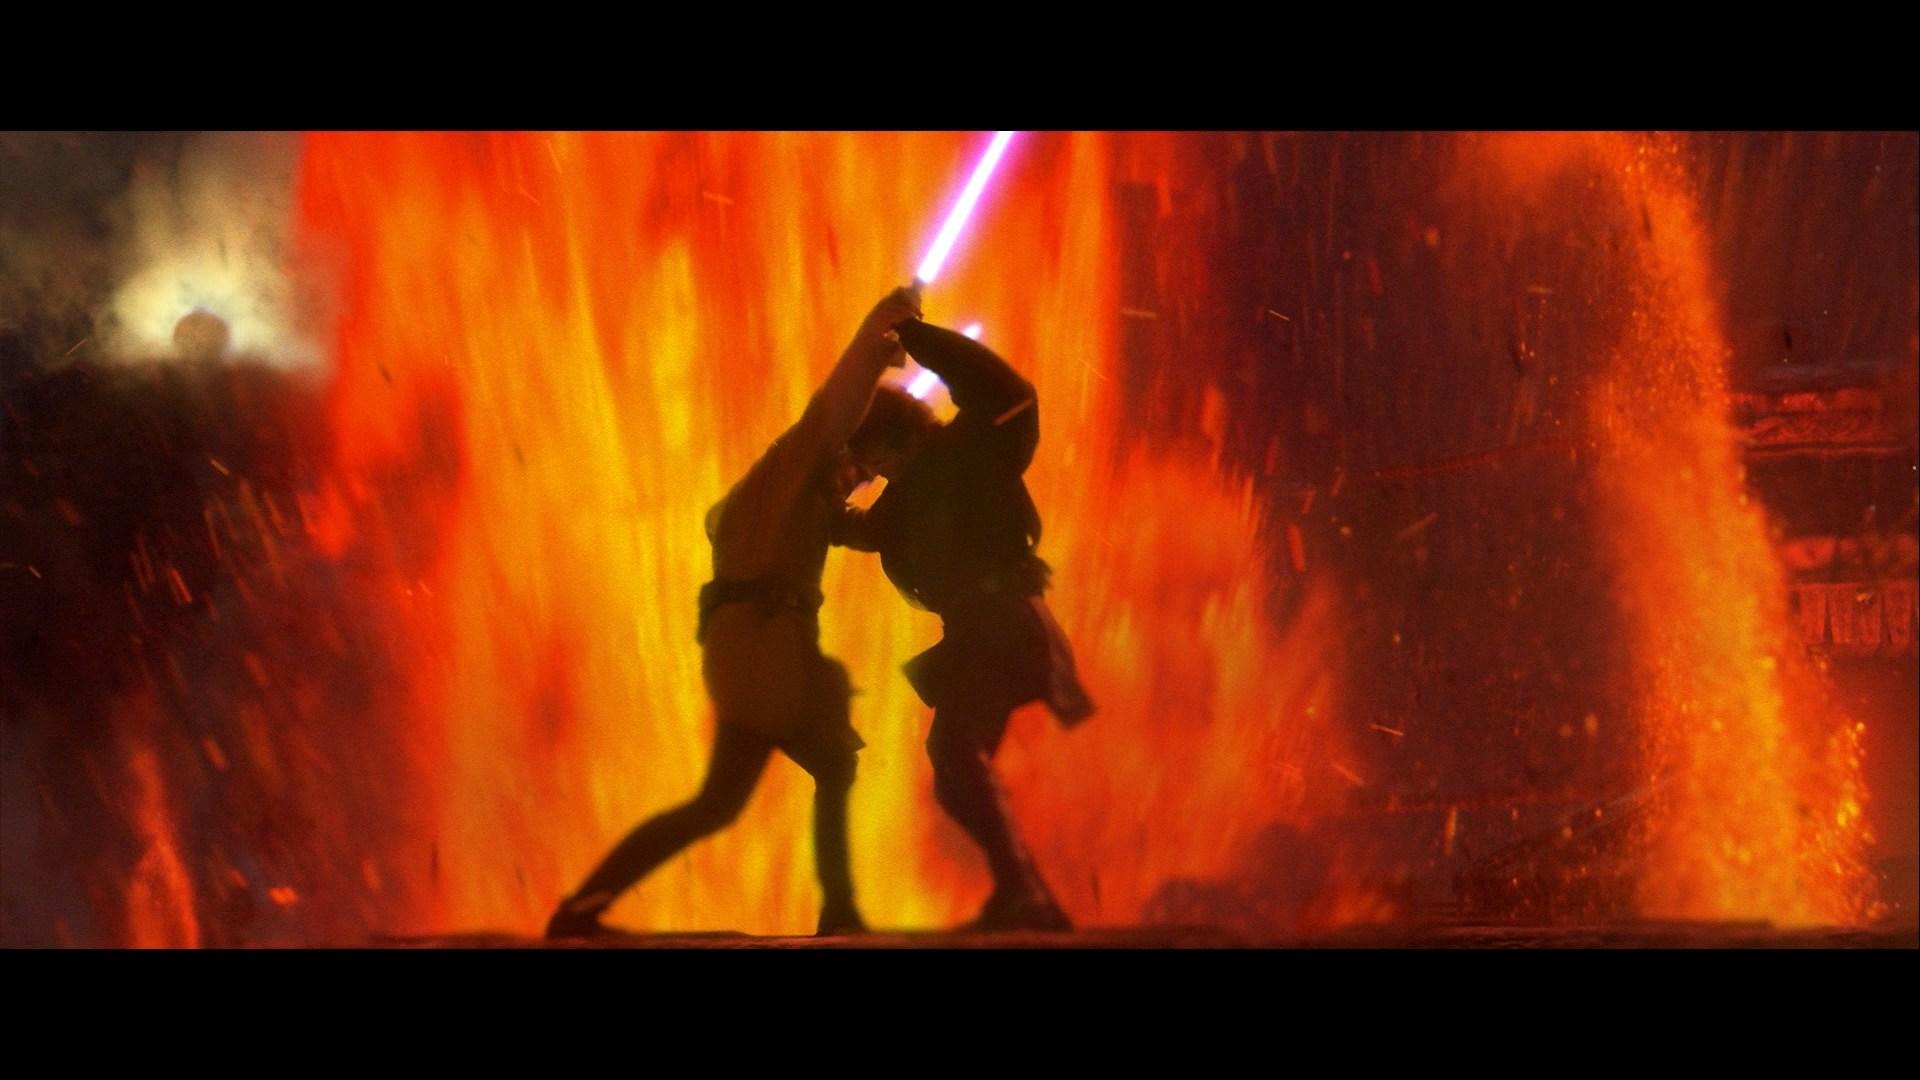 Star Wars Prequels 1920x1080 Wallpaper Teahub Io